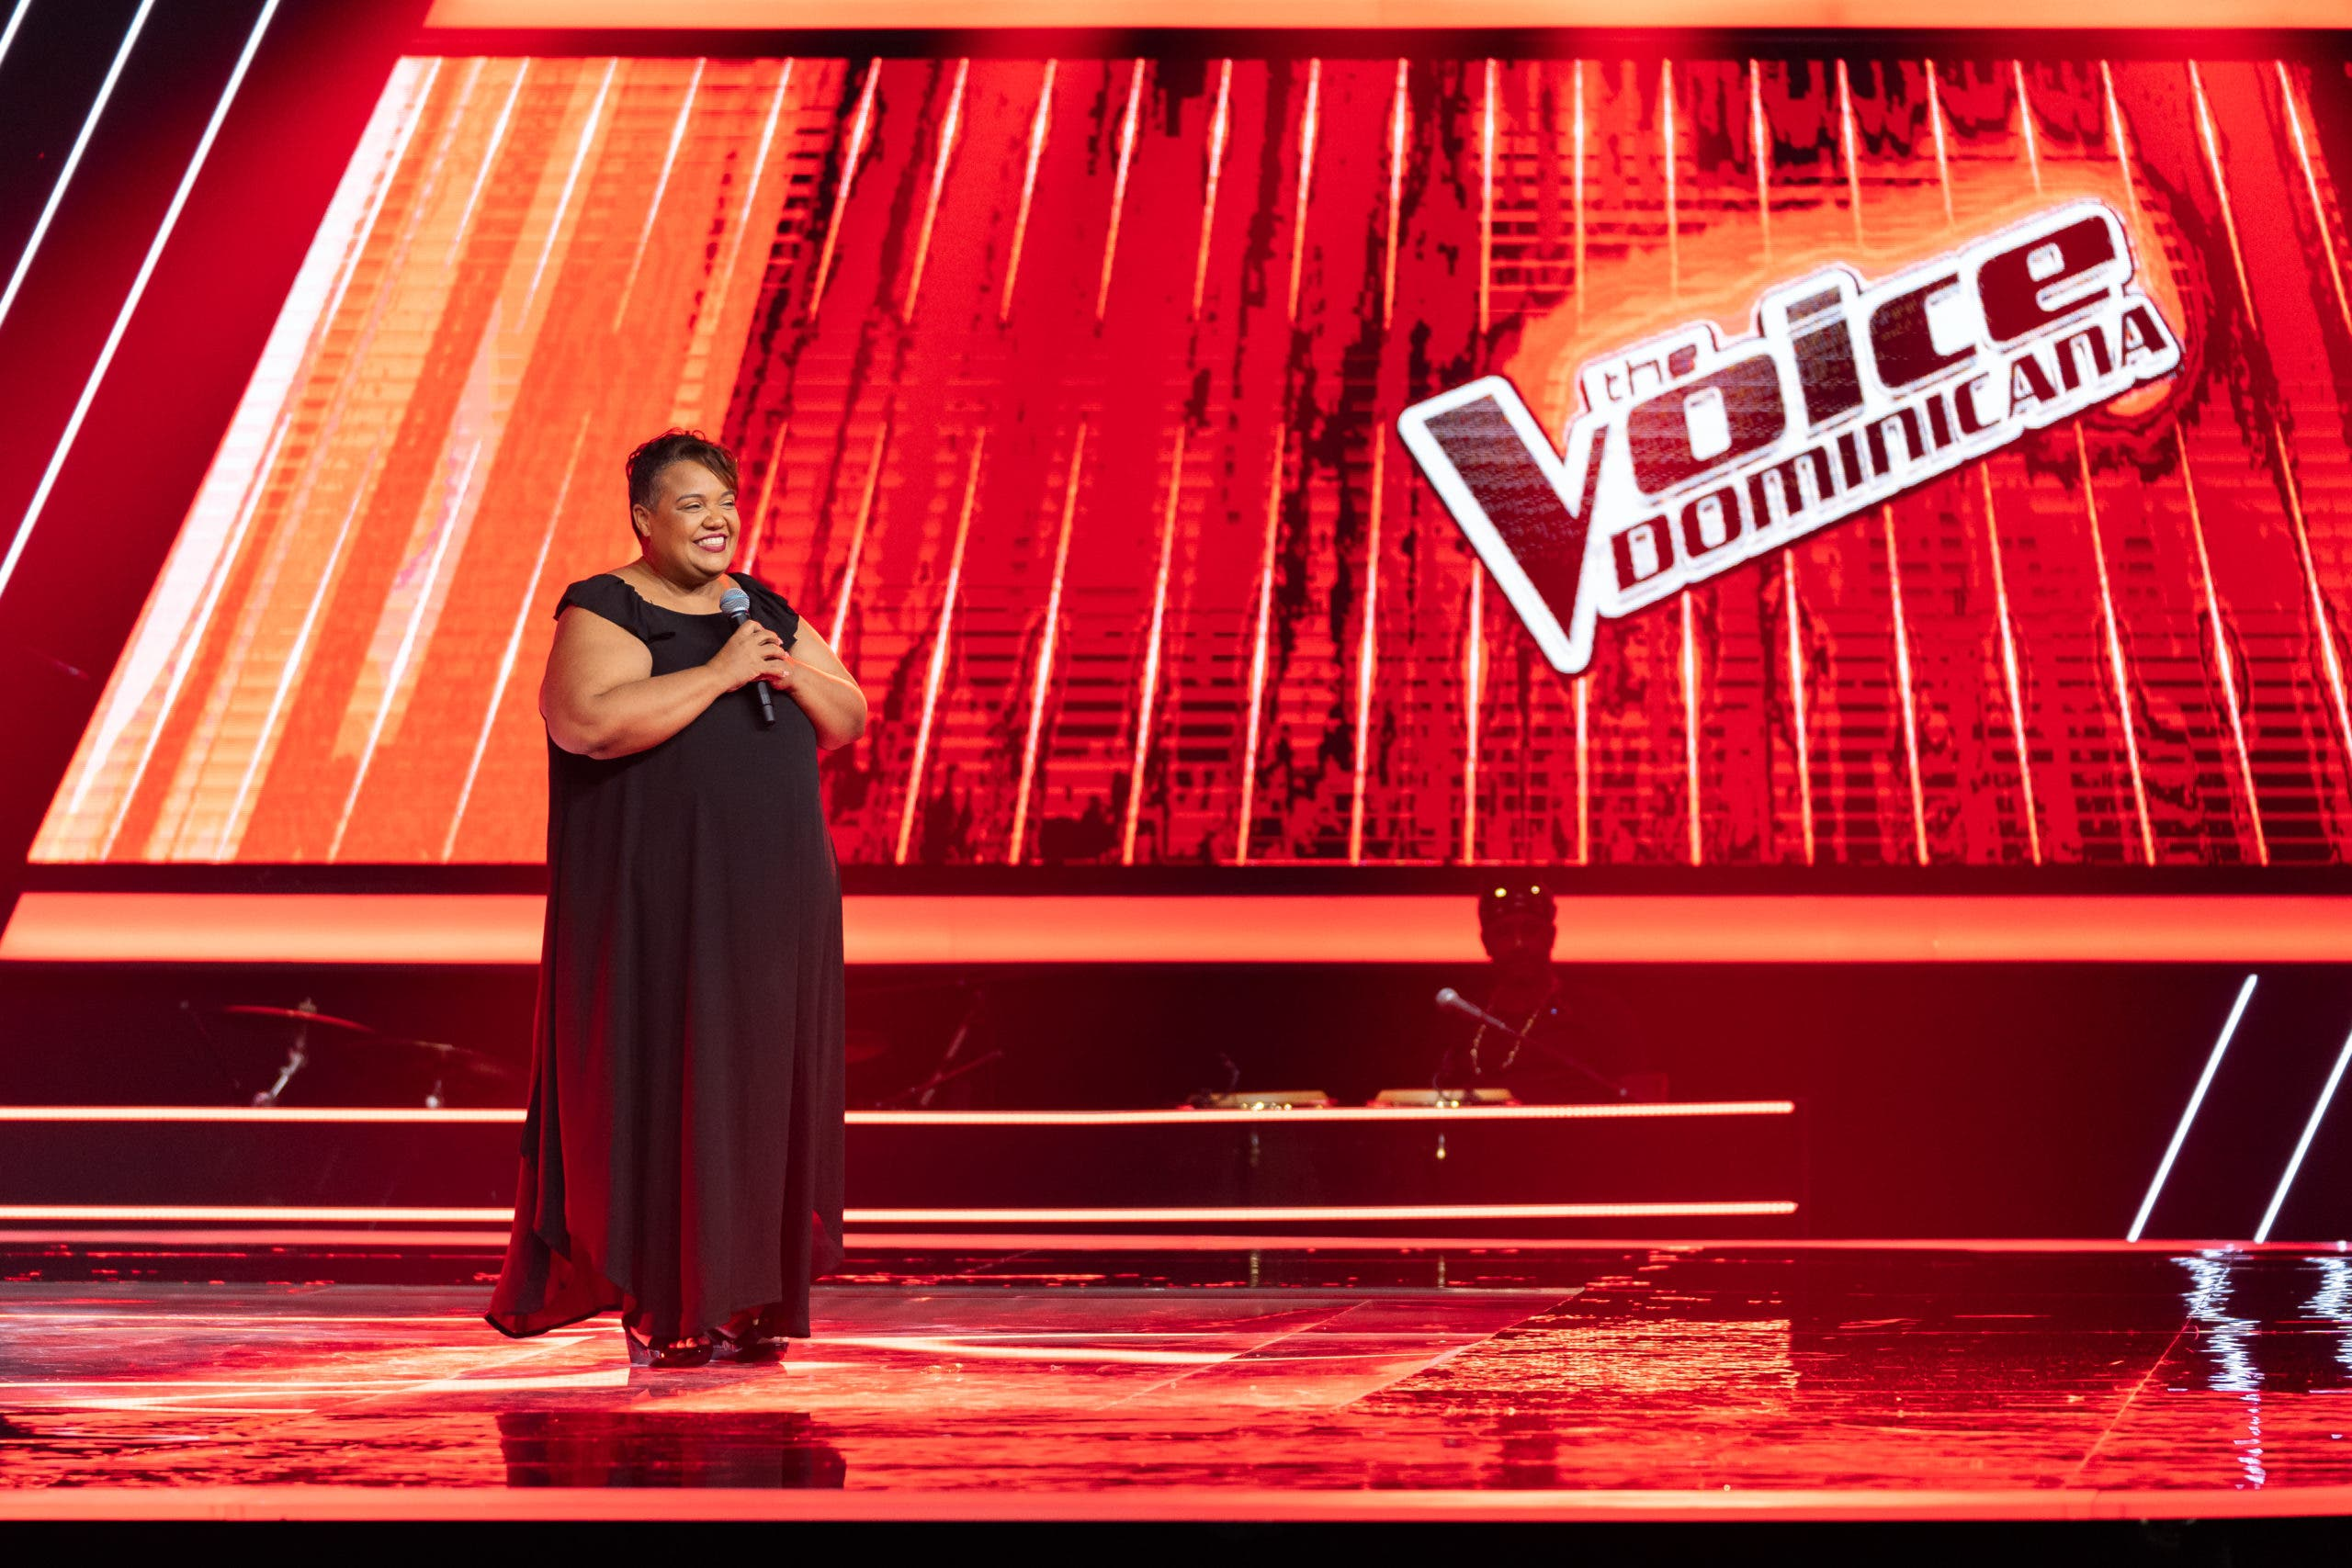 Musicólogo «El Libro» sumó 3 voces a su team en el cuarto capítulo de  The Voice Dominicana